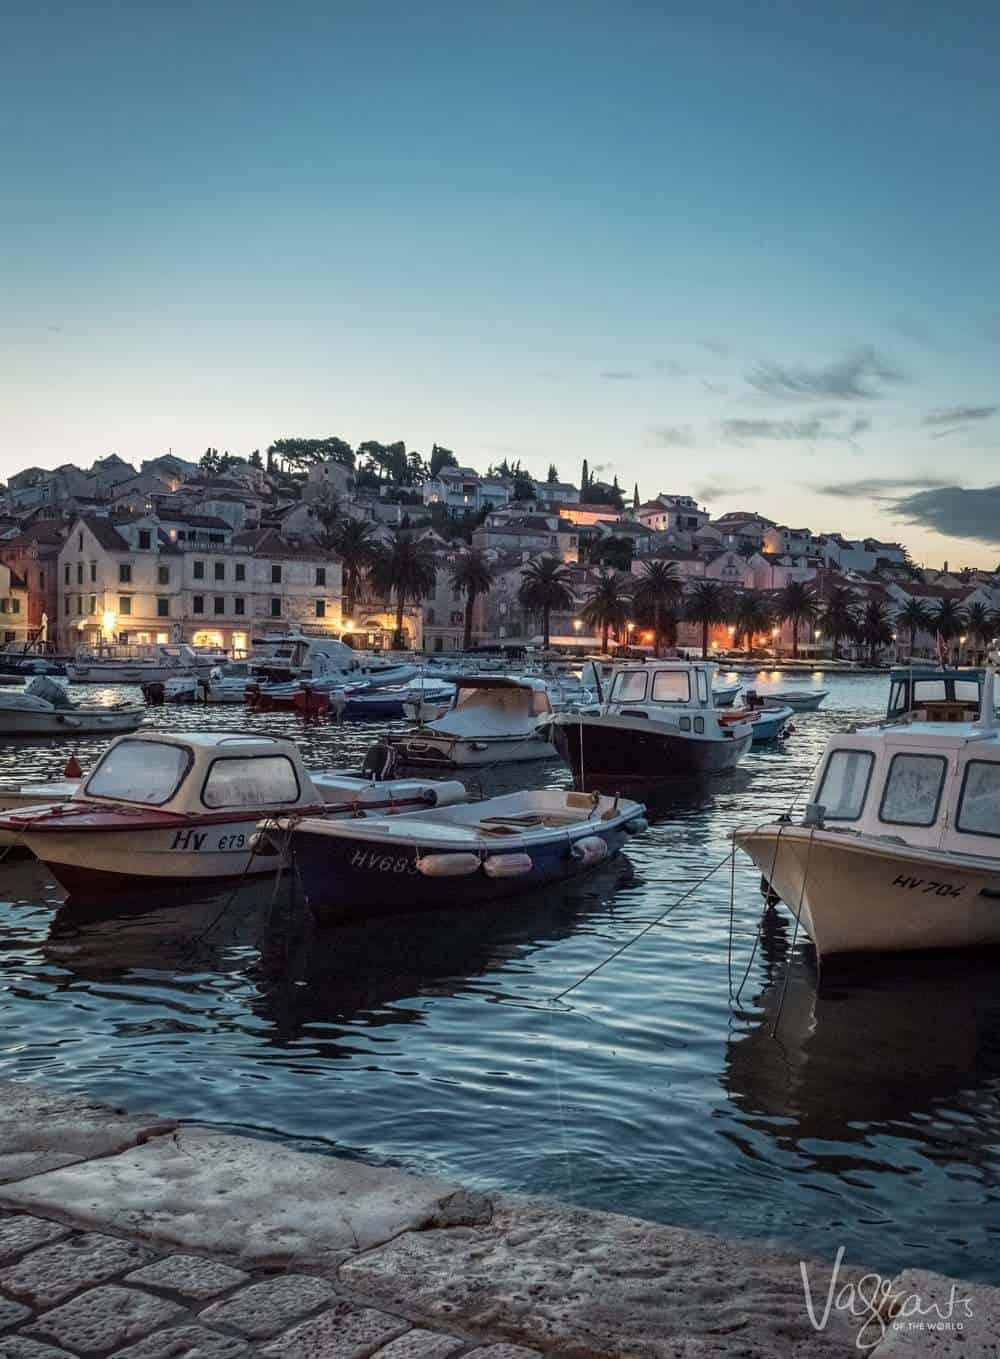 14 Days on the Adriatic Coast, Dalmatian Isles and Slovenia - Heaven. Croatia and Slovenia small group tours